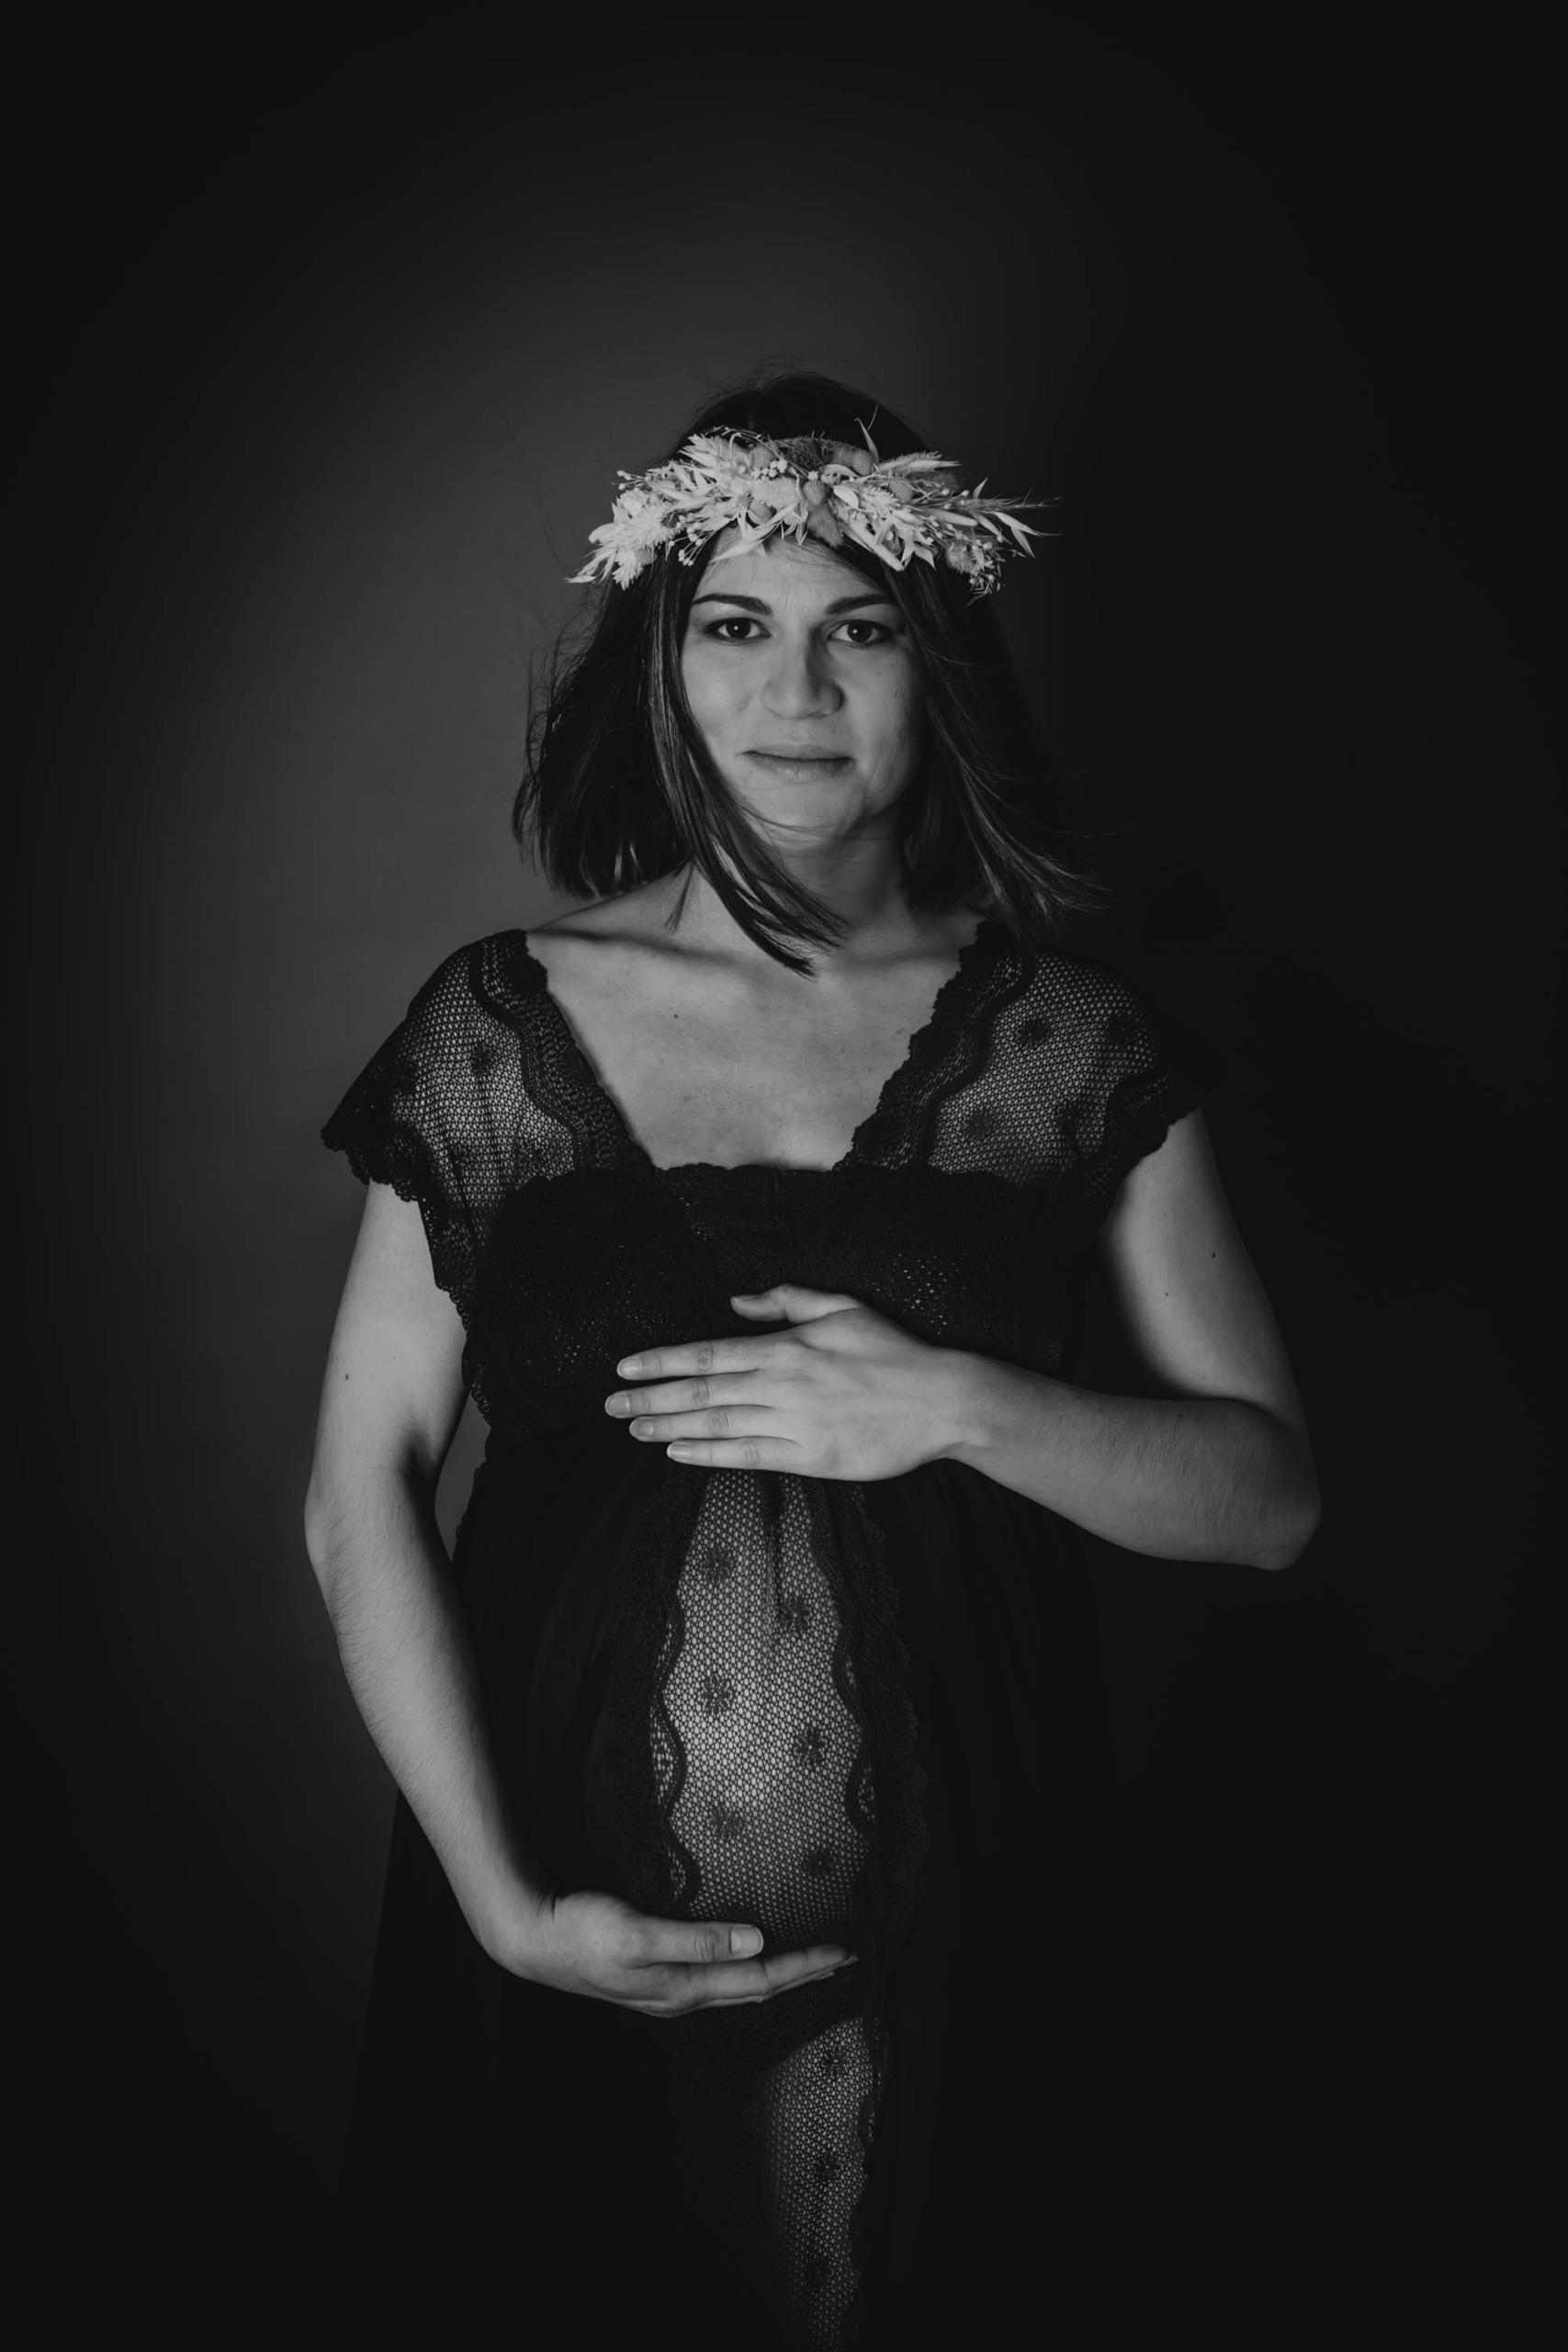 VRO Photo - Véronique Rochelle est une photographe de grossesse dans le secteur de Nantes - Rennes et sur toute la France